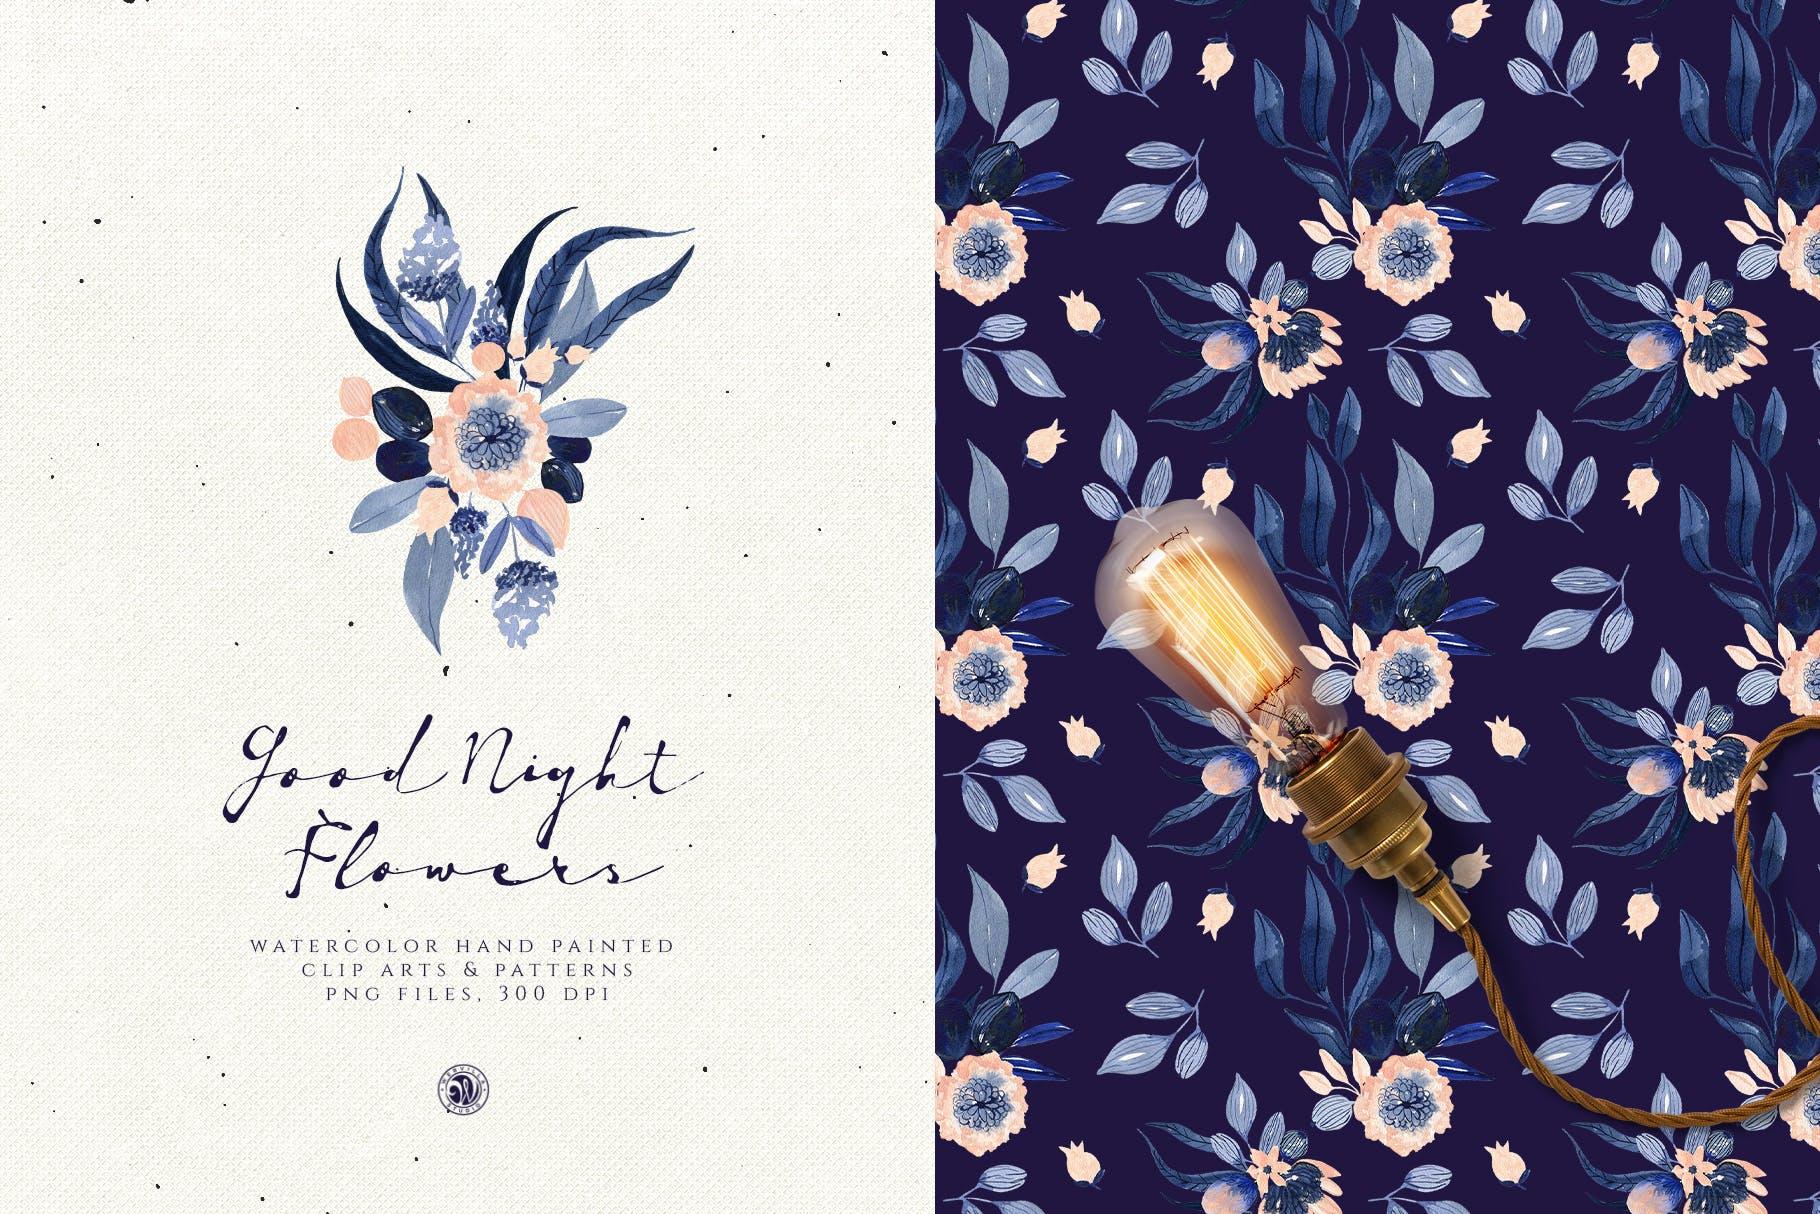 暗夜水彩画花卉手绘水彩画剪贴艺术图案/纹理素材Good Night Flowers插图(1)